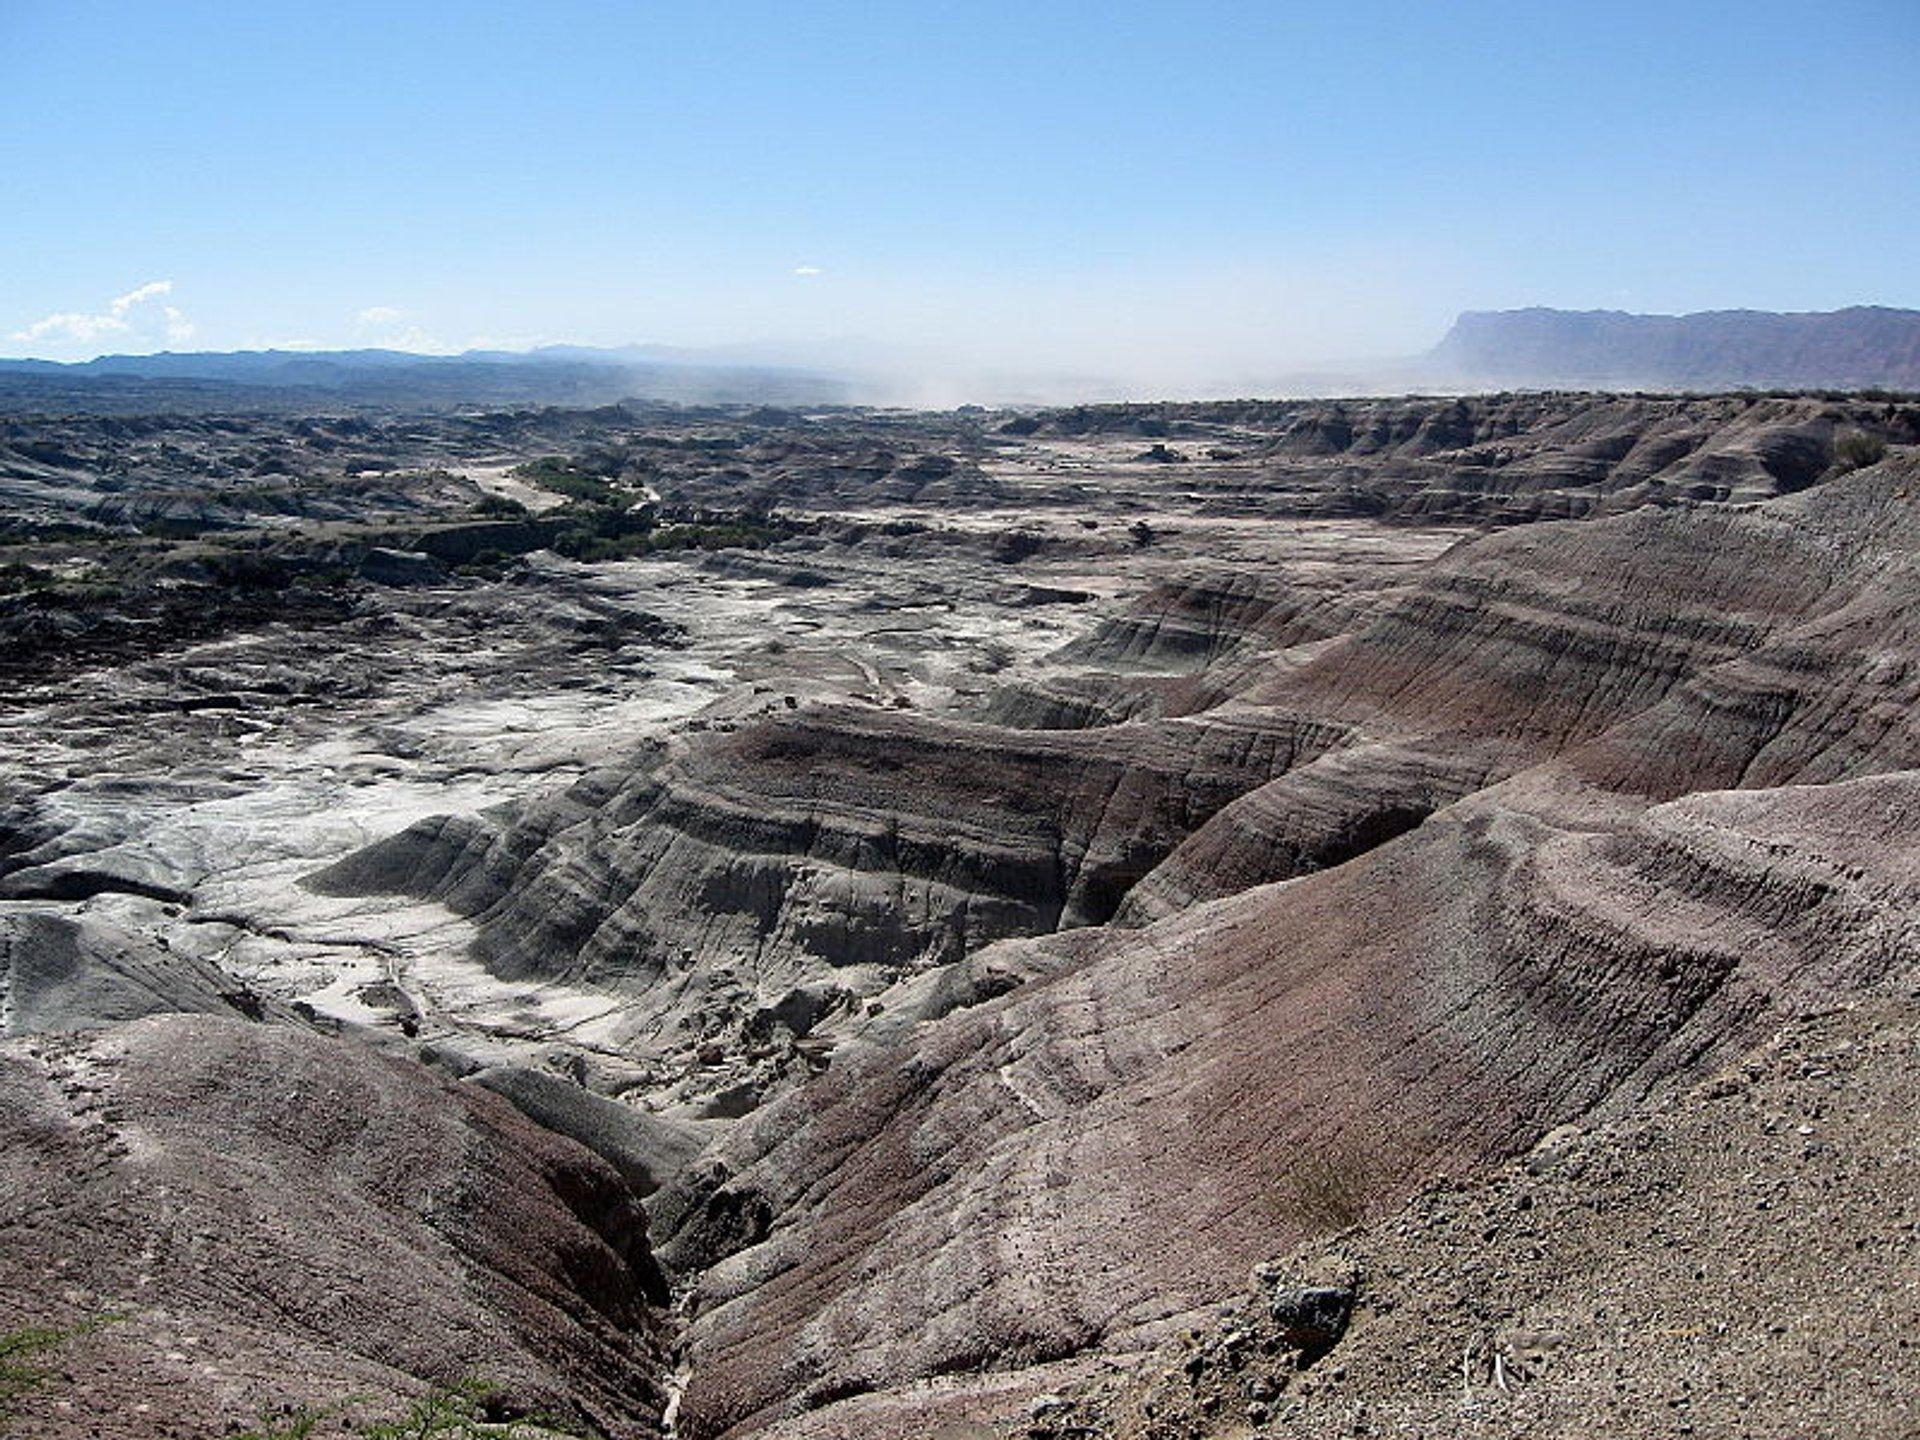 Ischigualasto Provincial Park (Valle de la Luna) in Argentina 2020 - Best Time